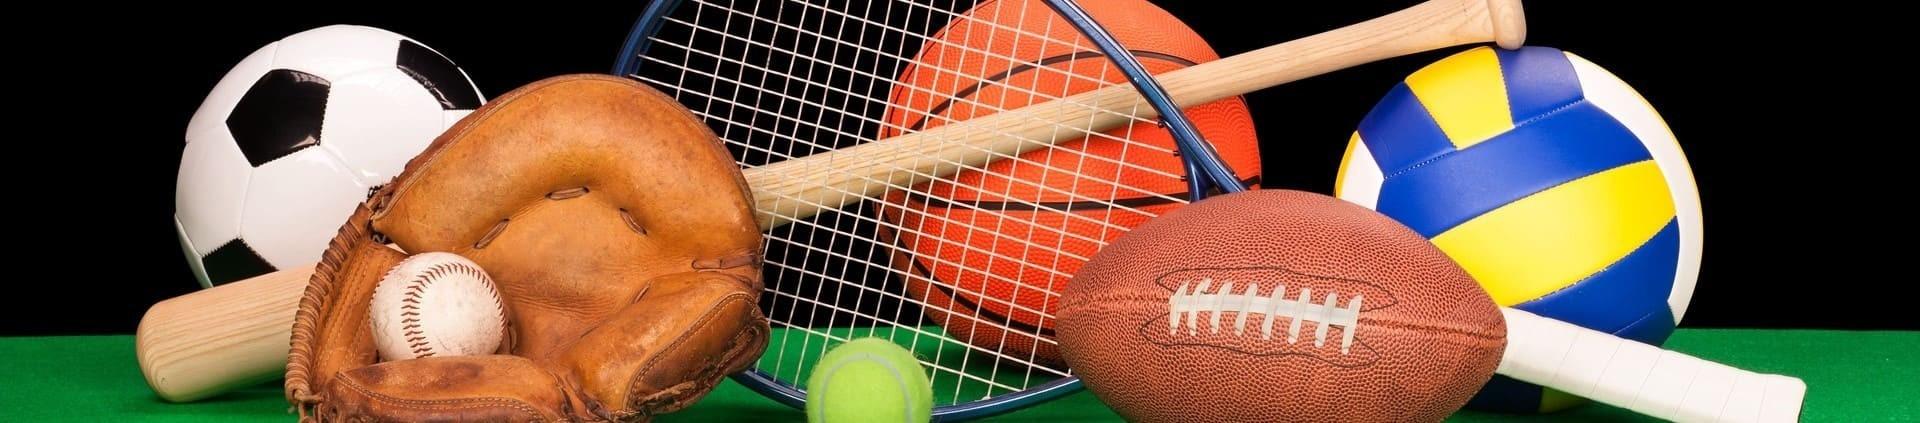 Dyscypliny sportowe - sporty drużynowe i indywidualne - Powerman Sport